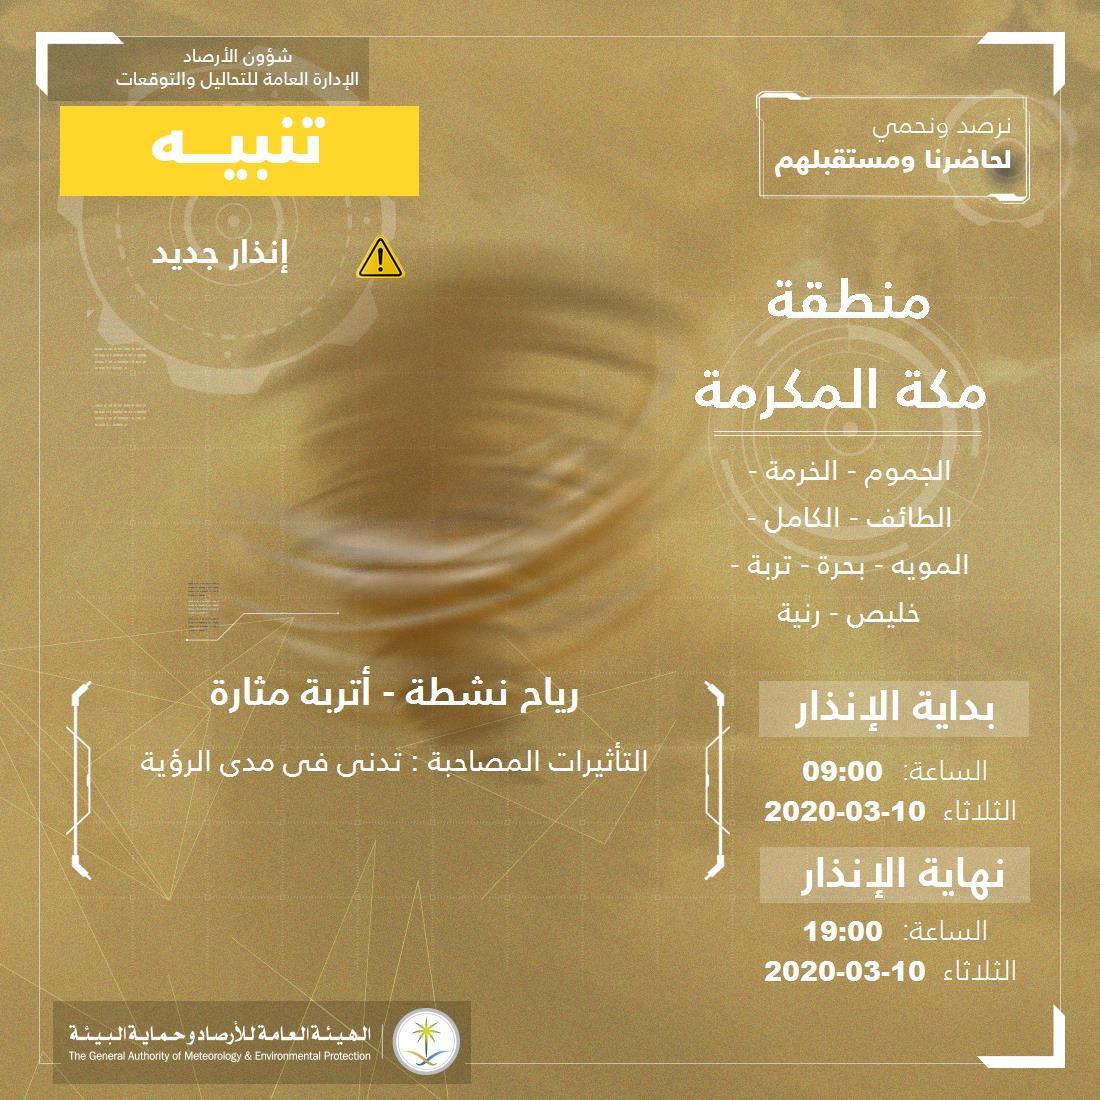 حالة الطقس في السعودية الثلاثاء 10 مارس 2020